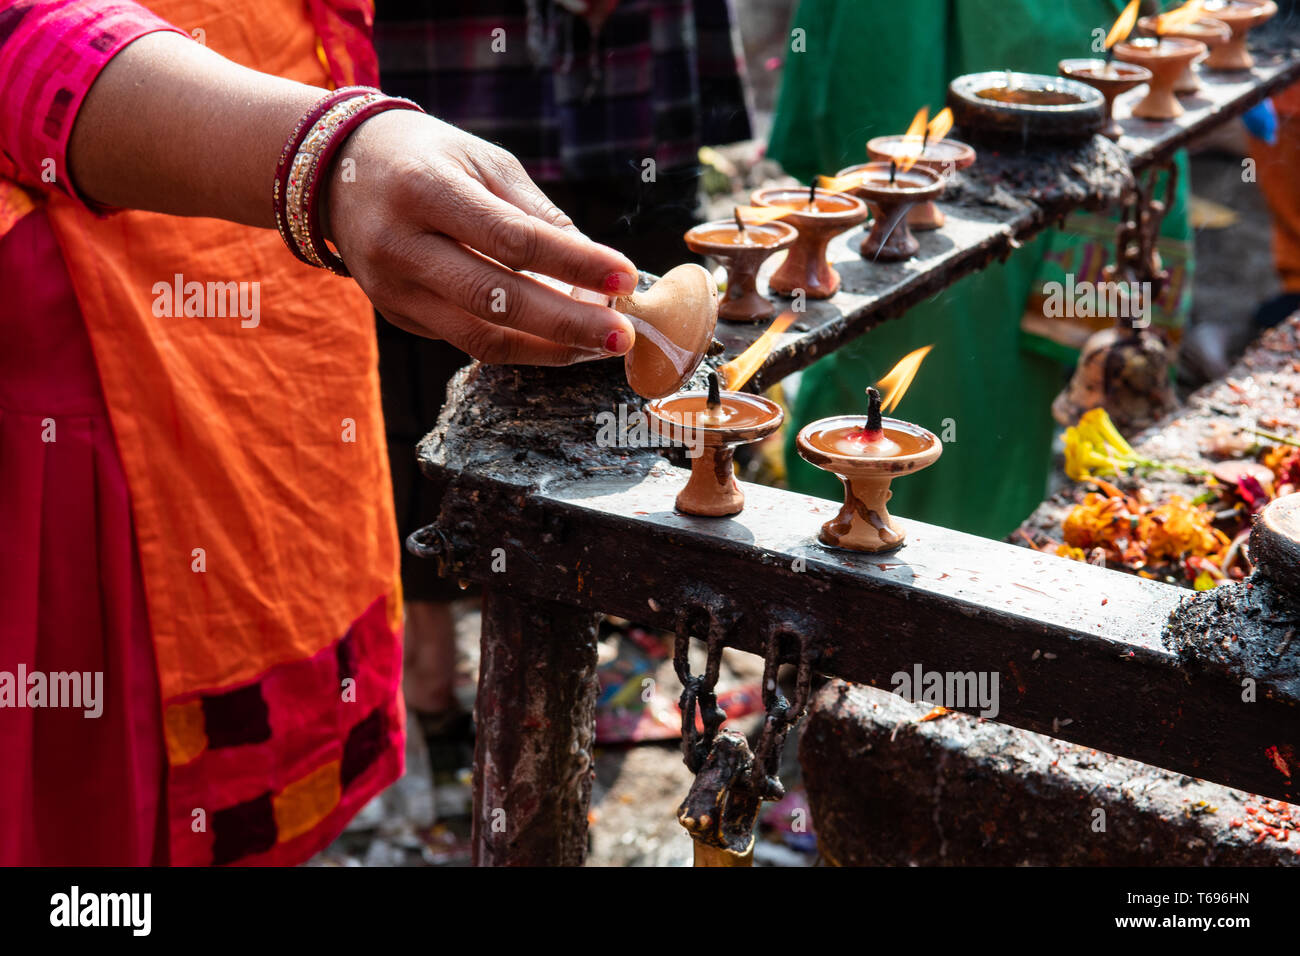 Hand der weiblichen 20 bis 30 Jahre alten nepalesischen Hindu devotee mit Öllampen in Kathmandu, Nepal. Stockbild